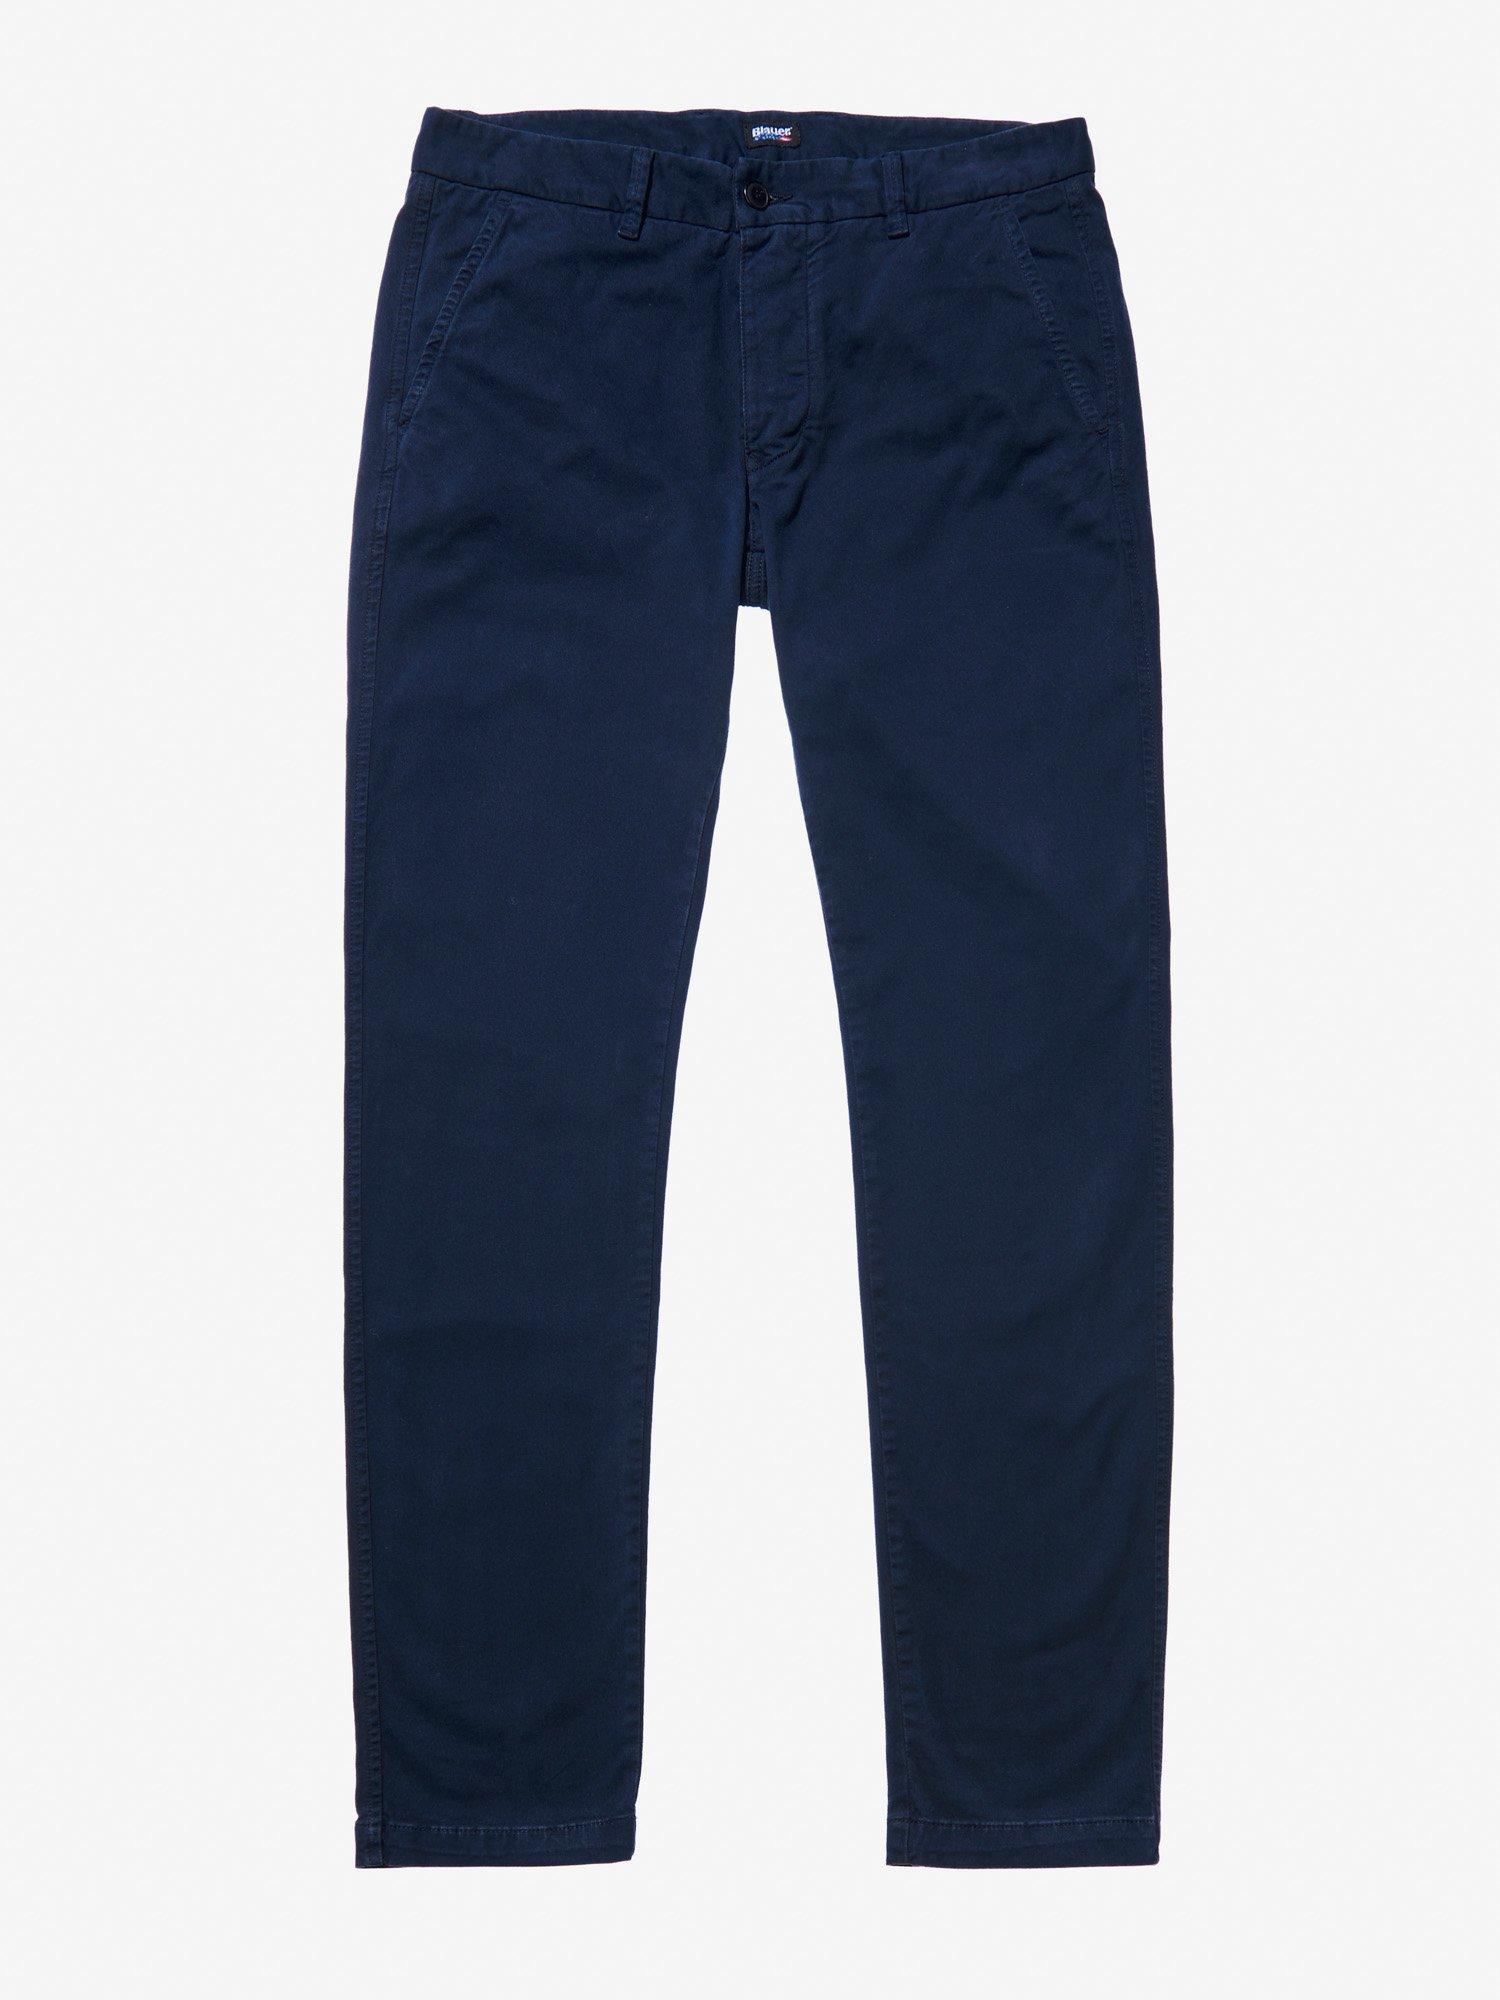 Blauer - GABARDINE CHINO PANTS - blue - Blauer